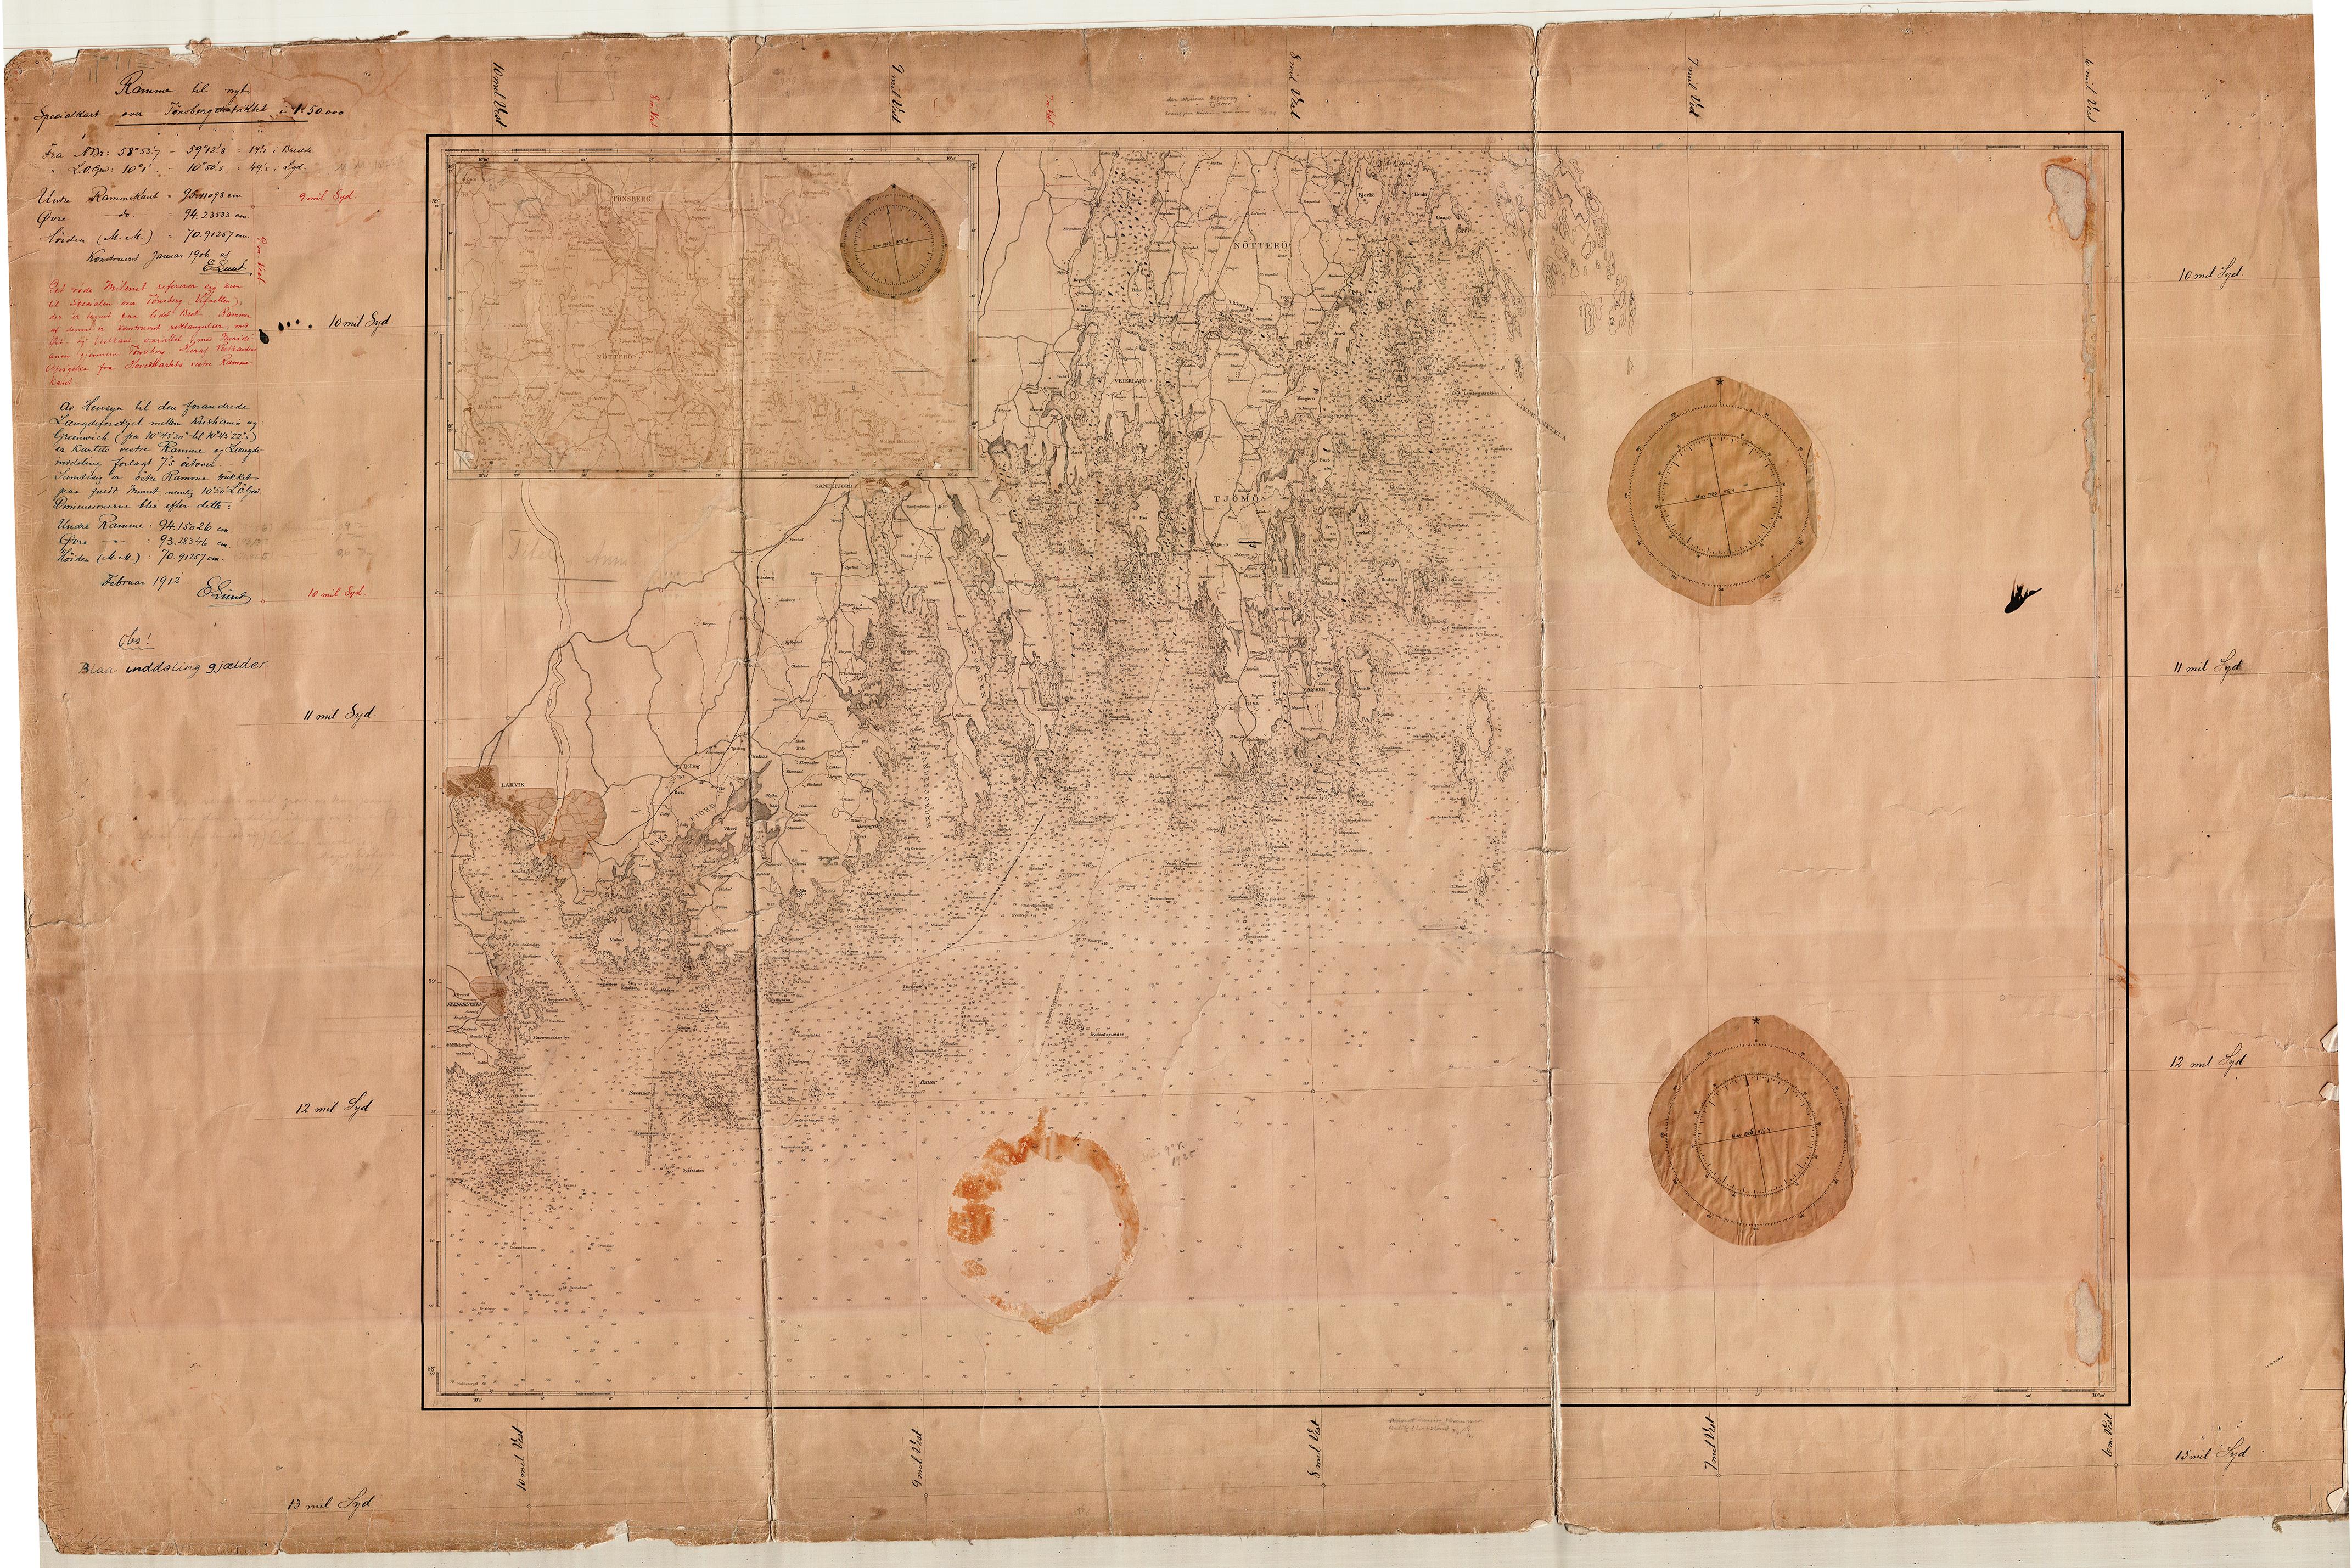 kart til File:Kart over kysten fra Fredriksvern til Nøtterøy, inkl Tønsberg  kart til